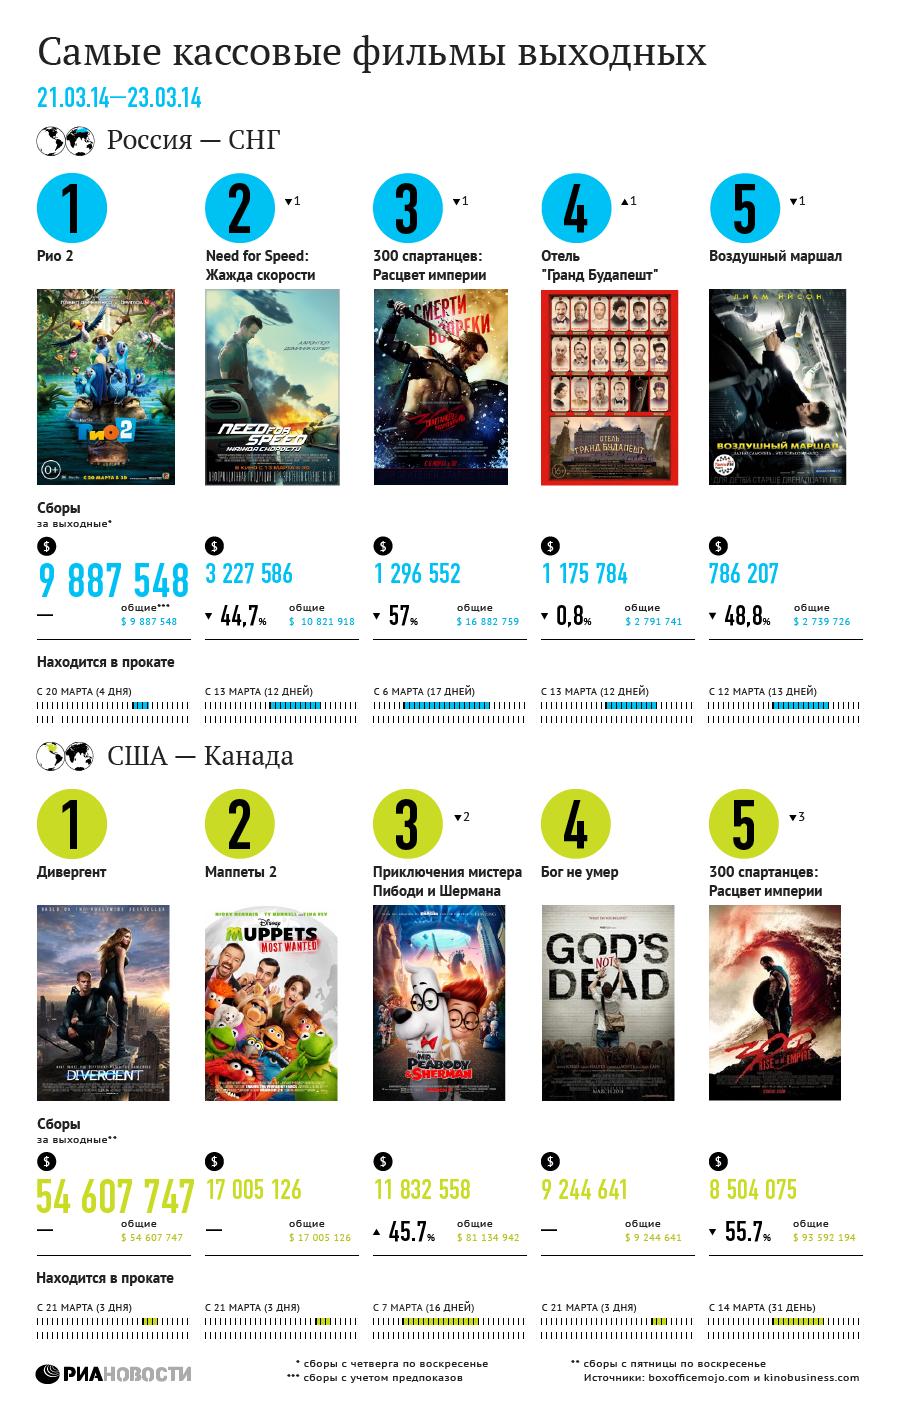 Самые кассовые фильмы выходных (21 - 23 марта)